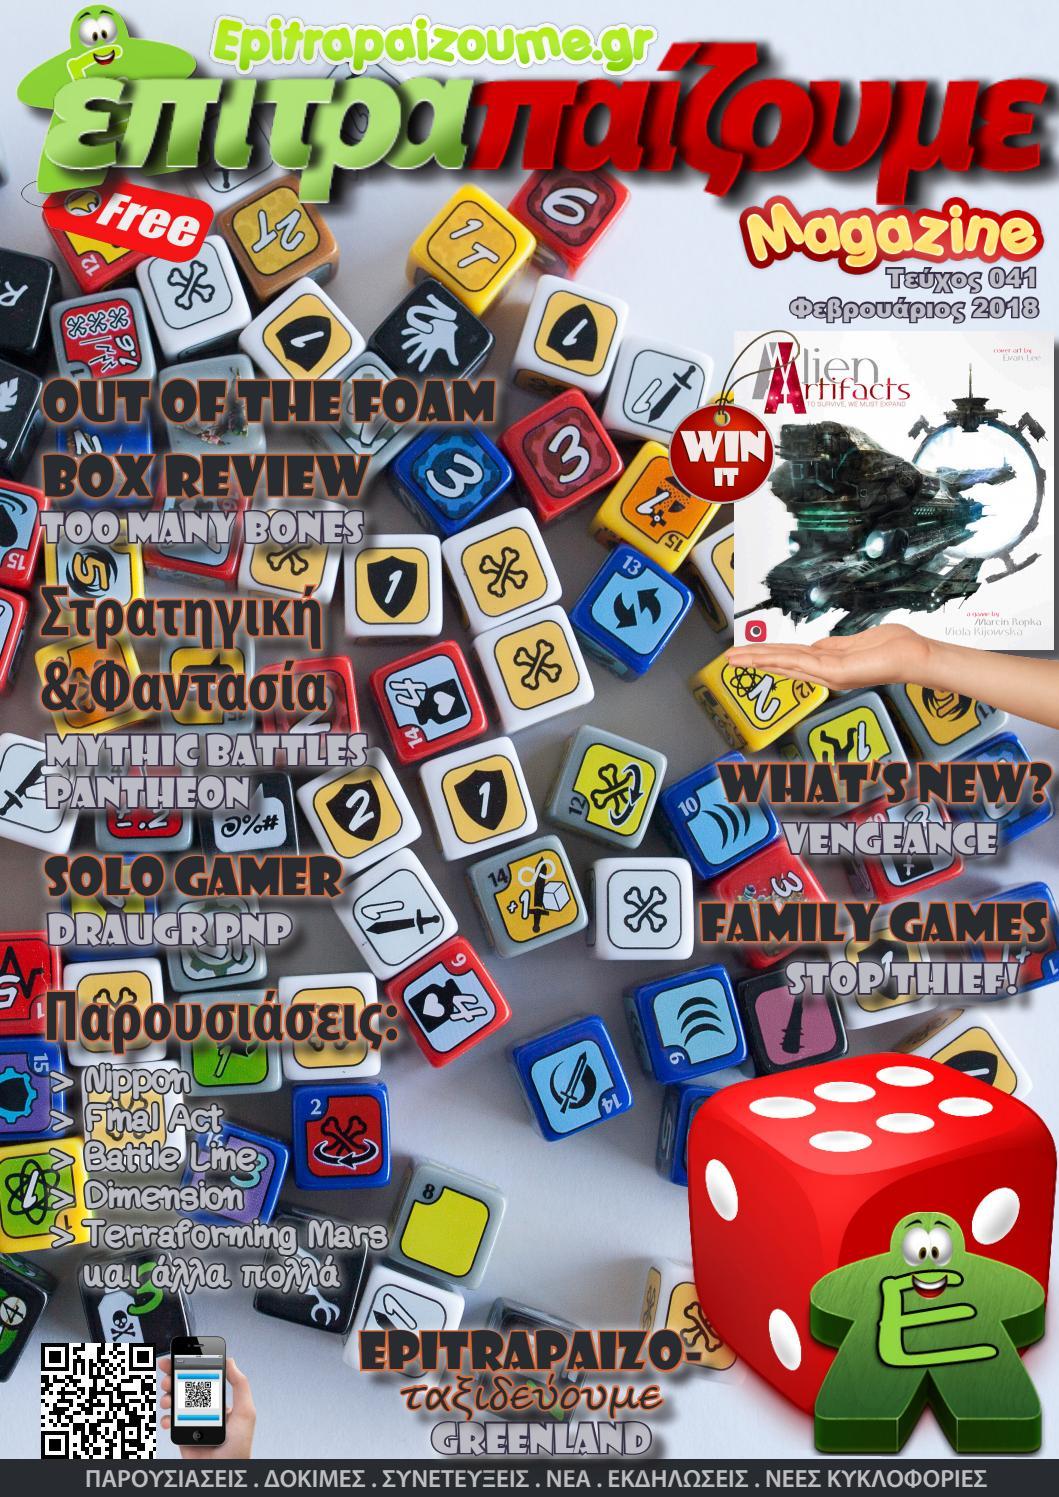 c608a84aab Επιτραπαίζουμε Magazine - Τεύχος 41